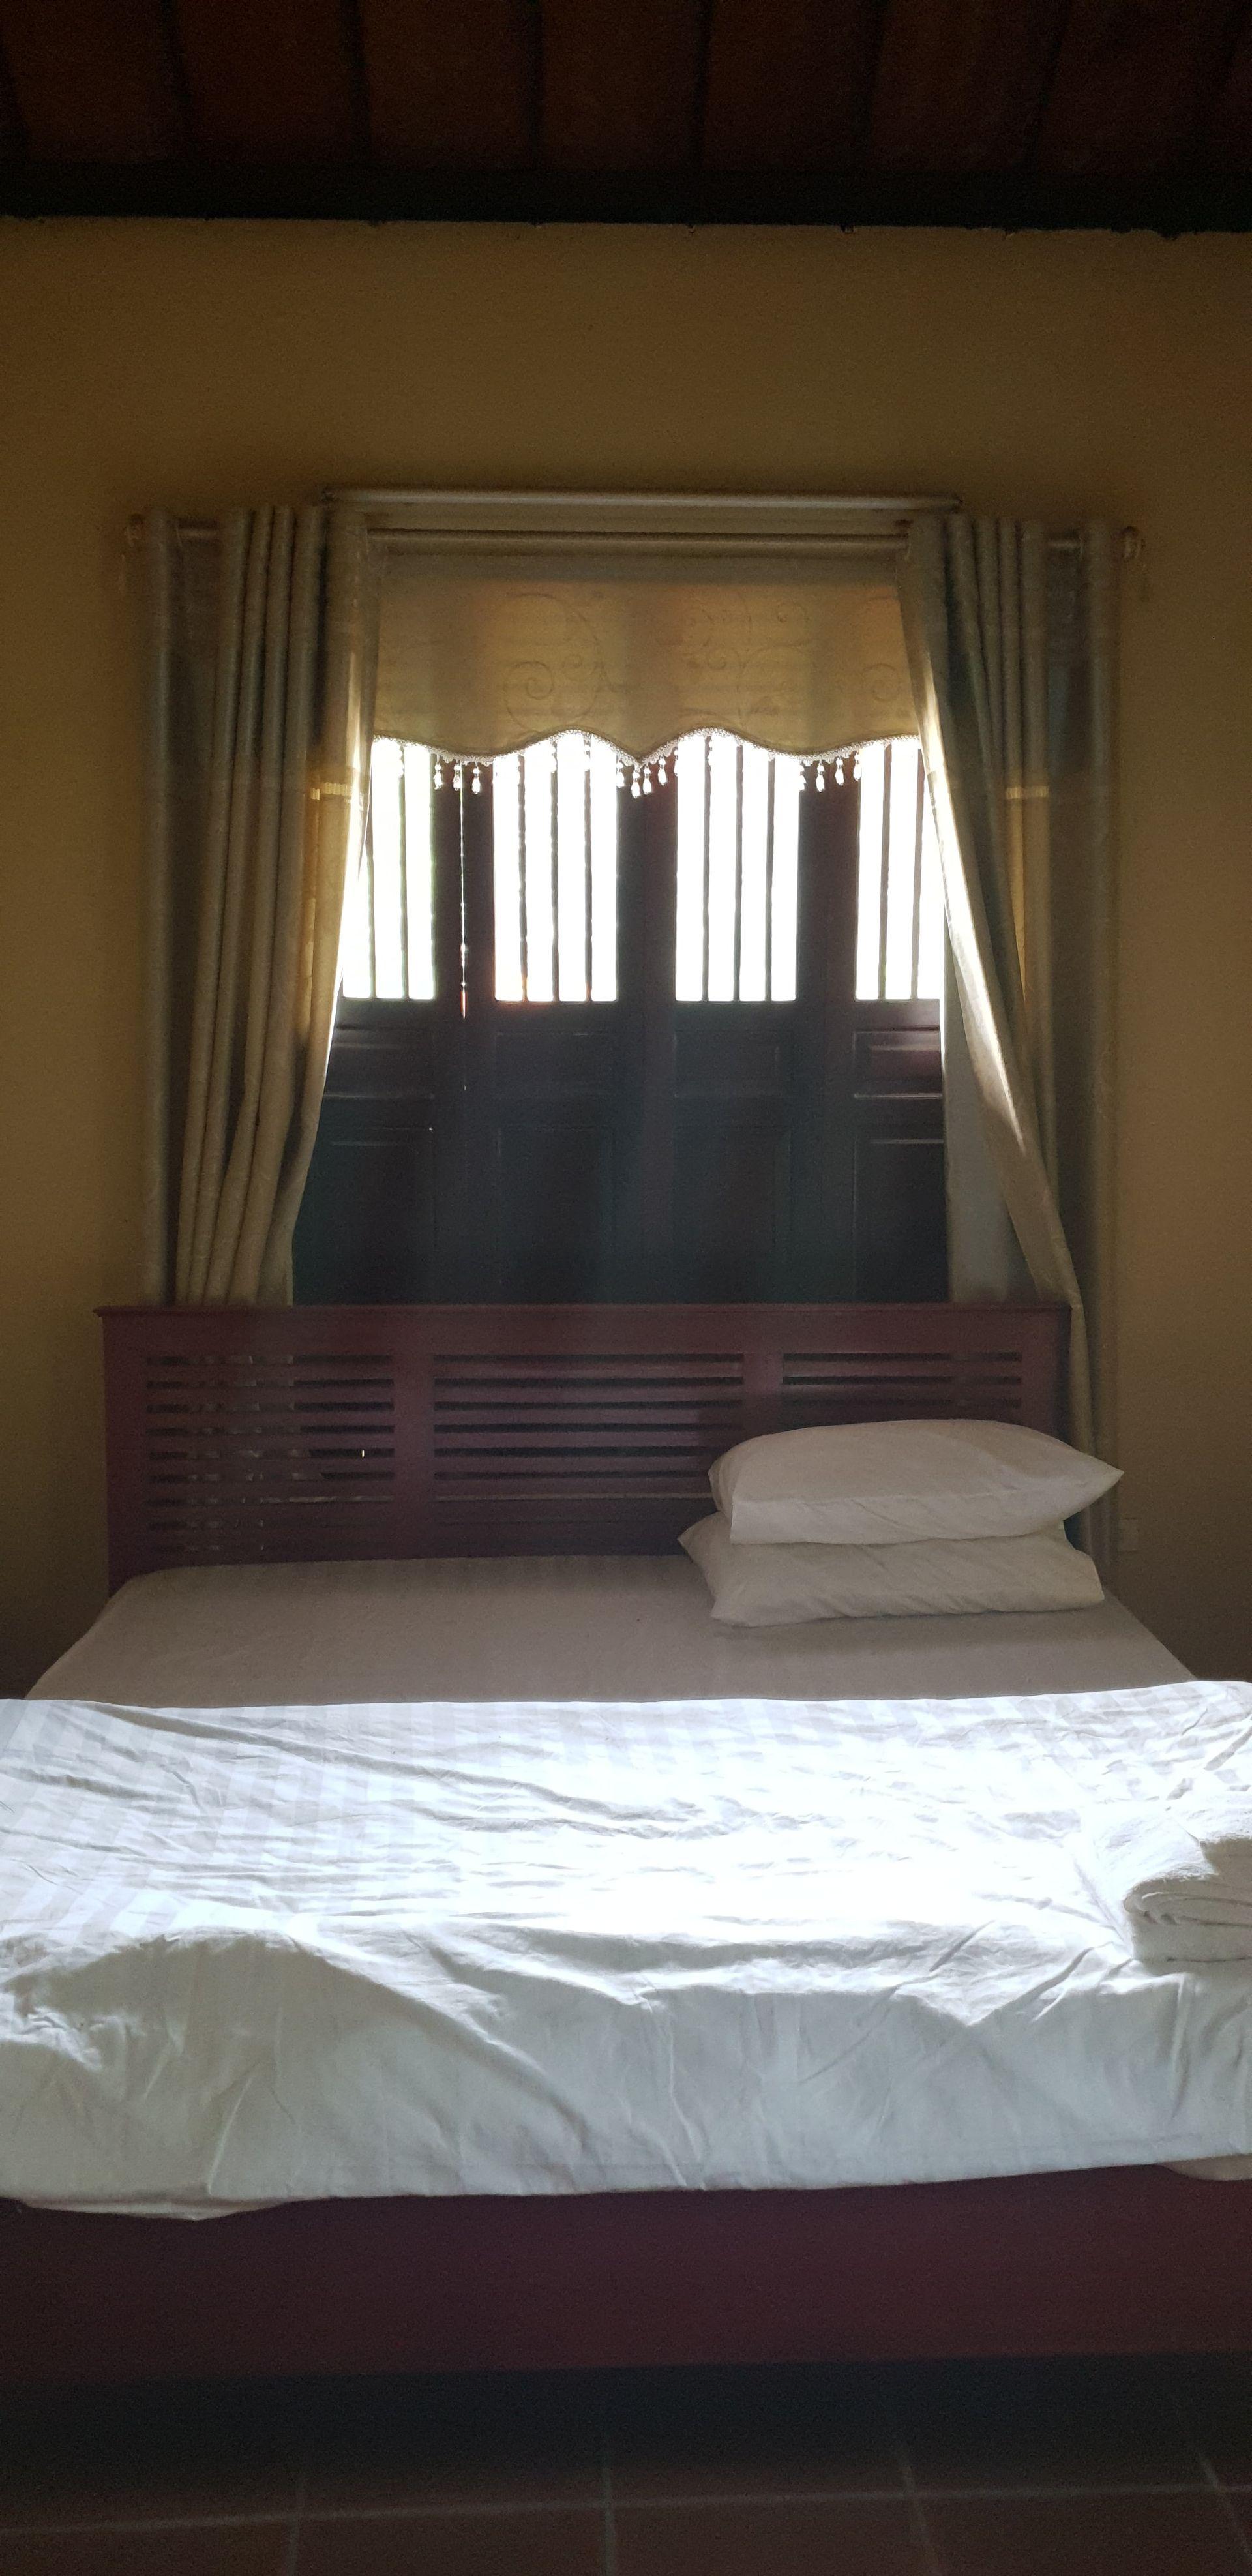 phong-ngu-family-resort-homestay-ba-vi-ha-noi-02